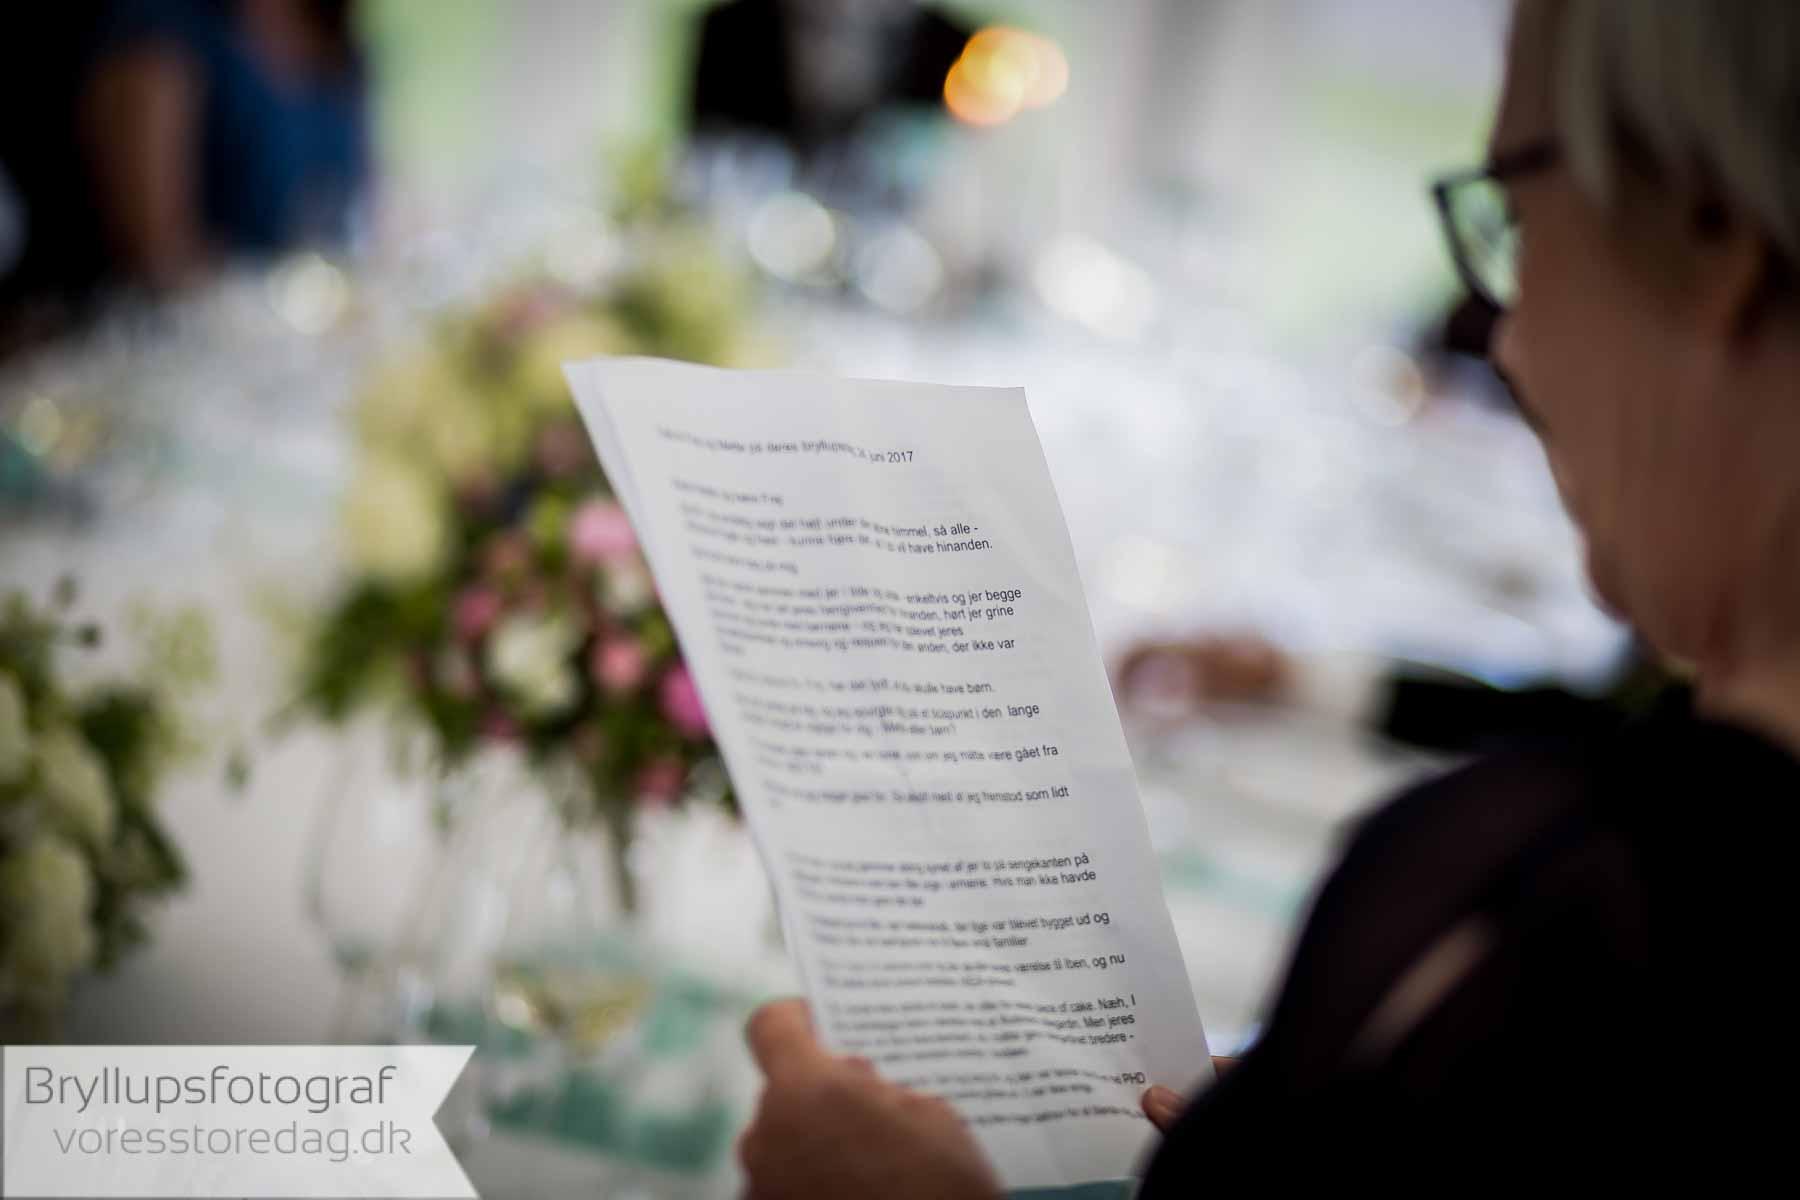 Fotografering til bryllup, fødselsdage og andre fester